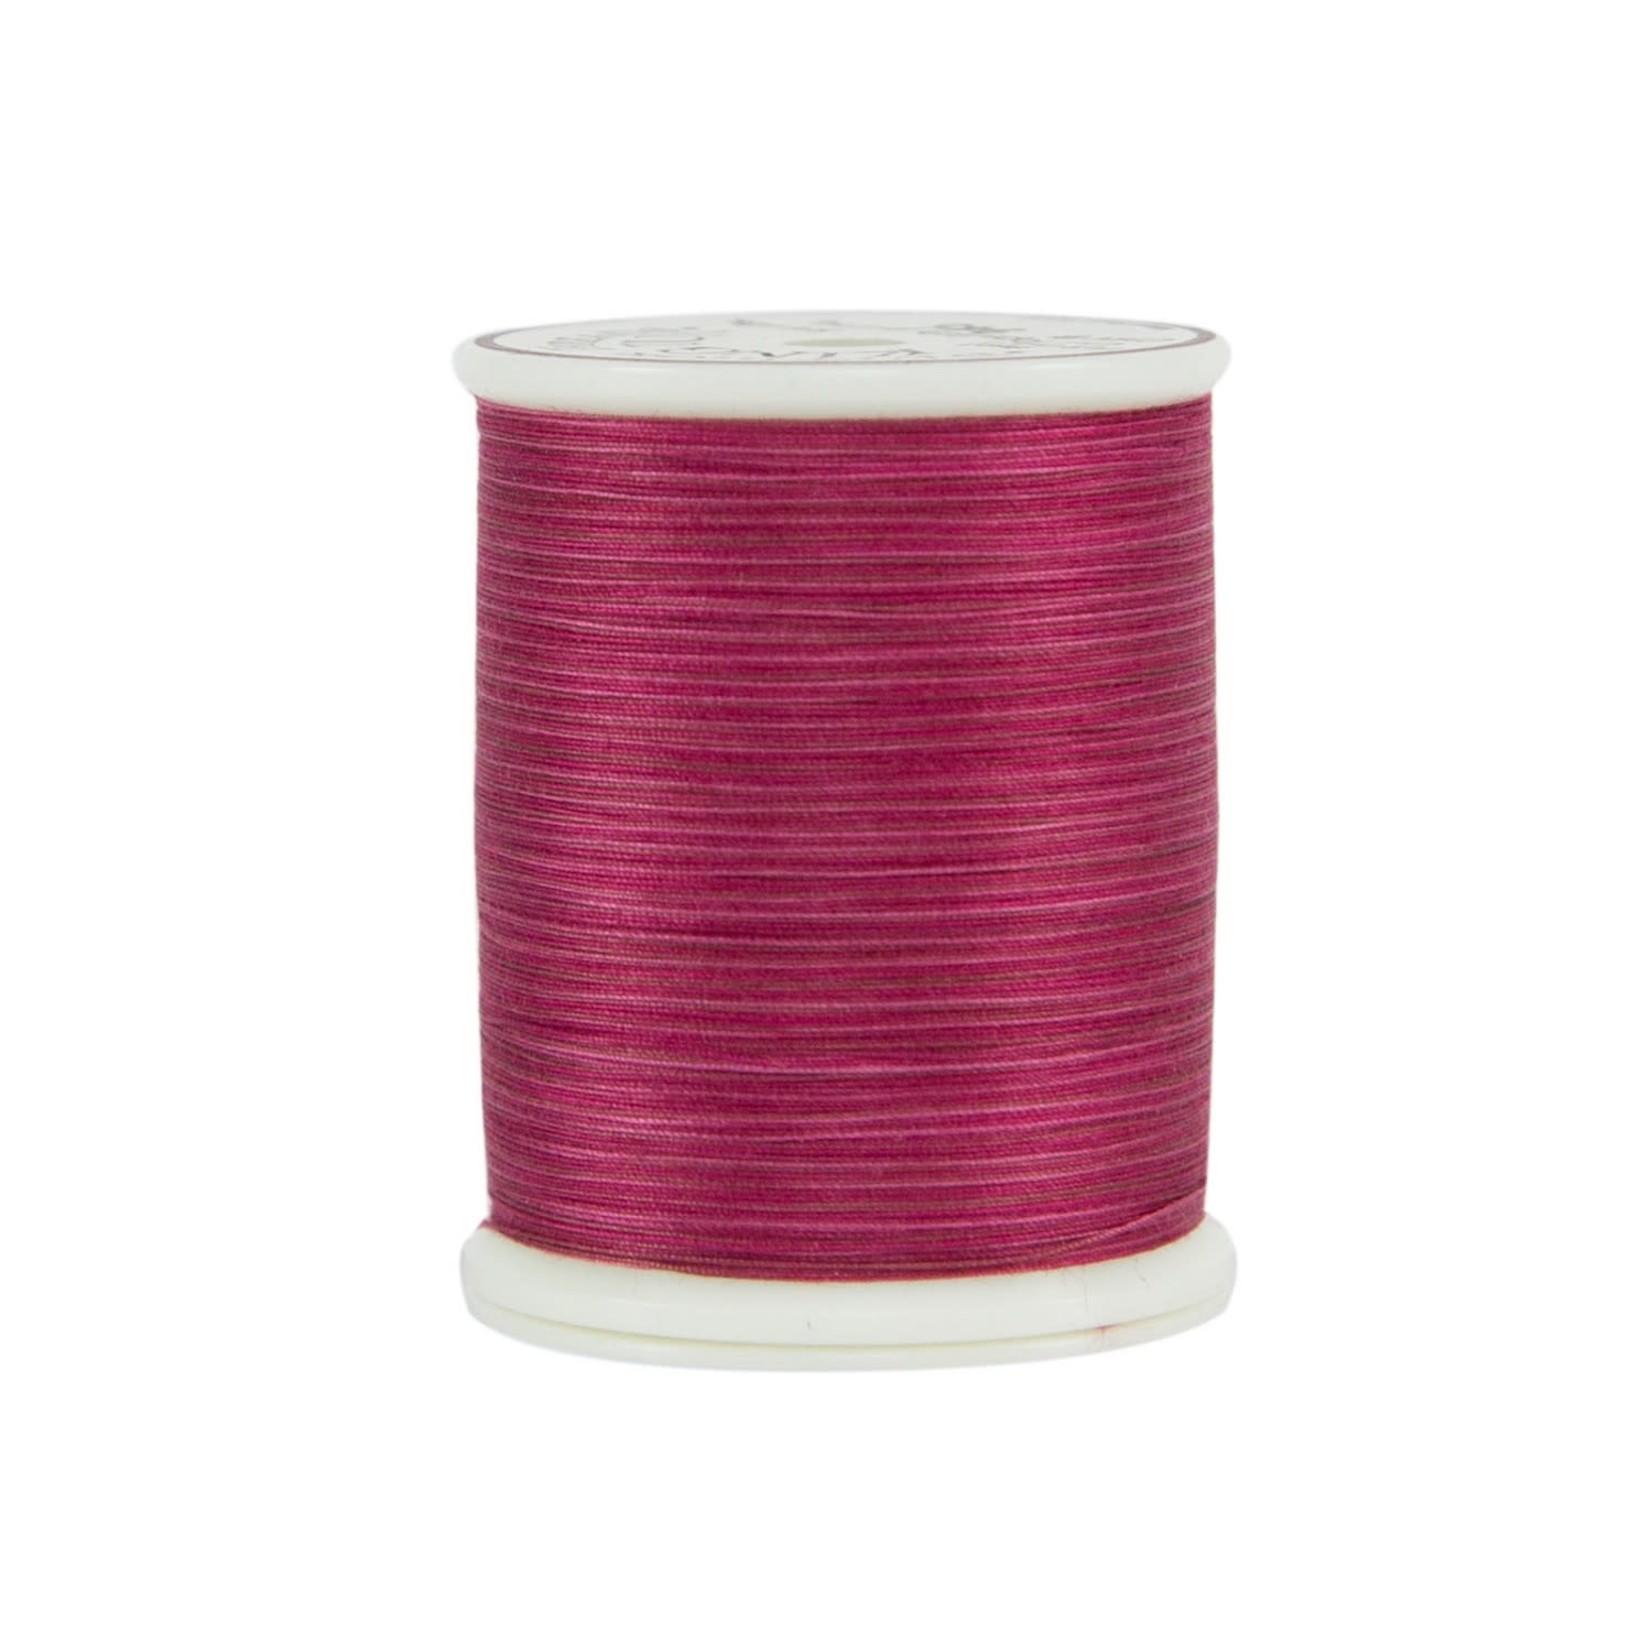 Superior Threads King Tut - #40 - 457 m - 0945 Cinnaberry